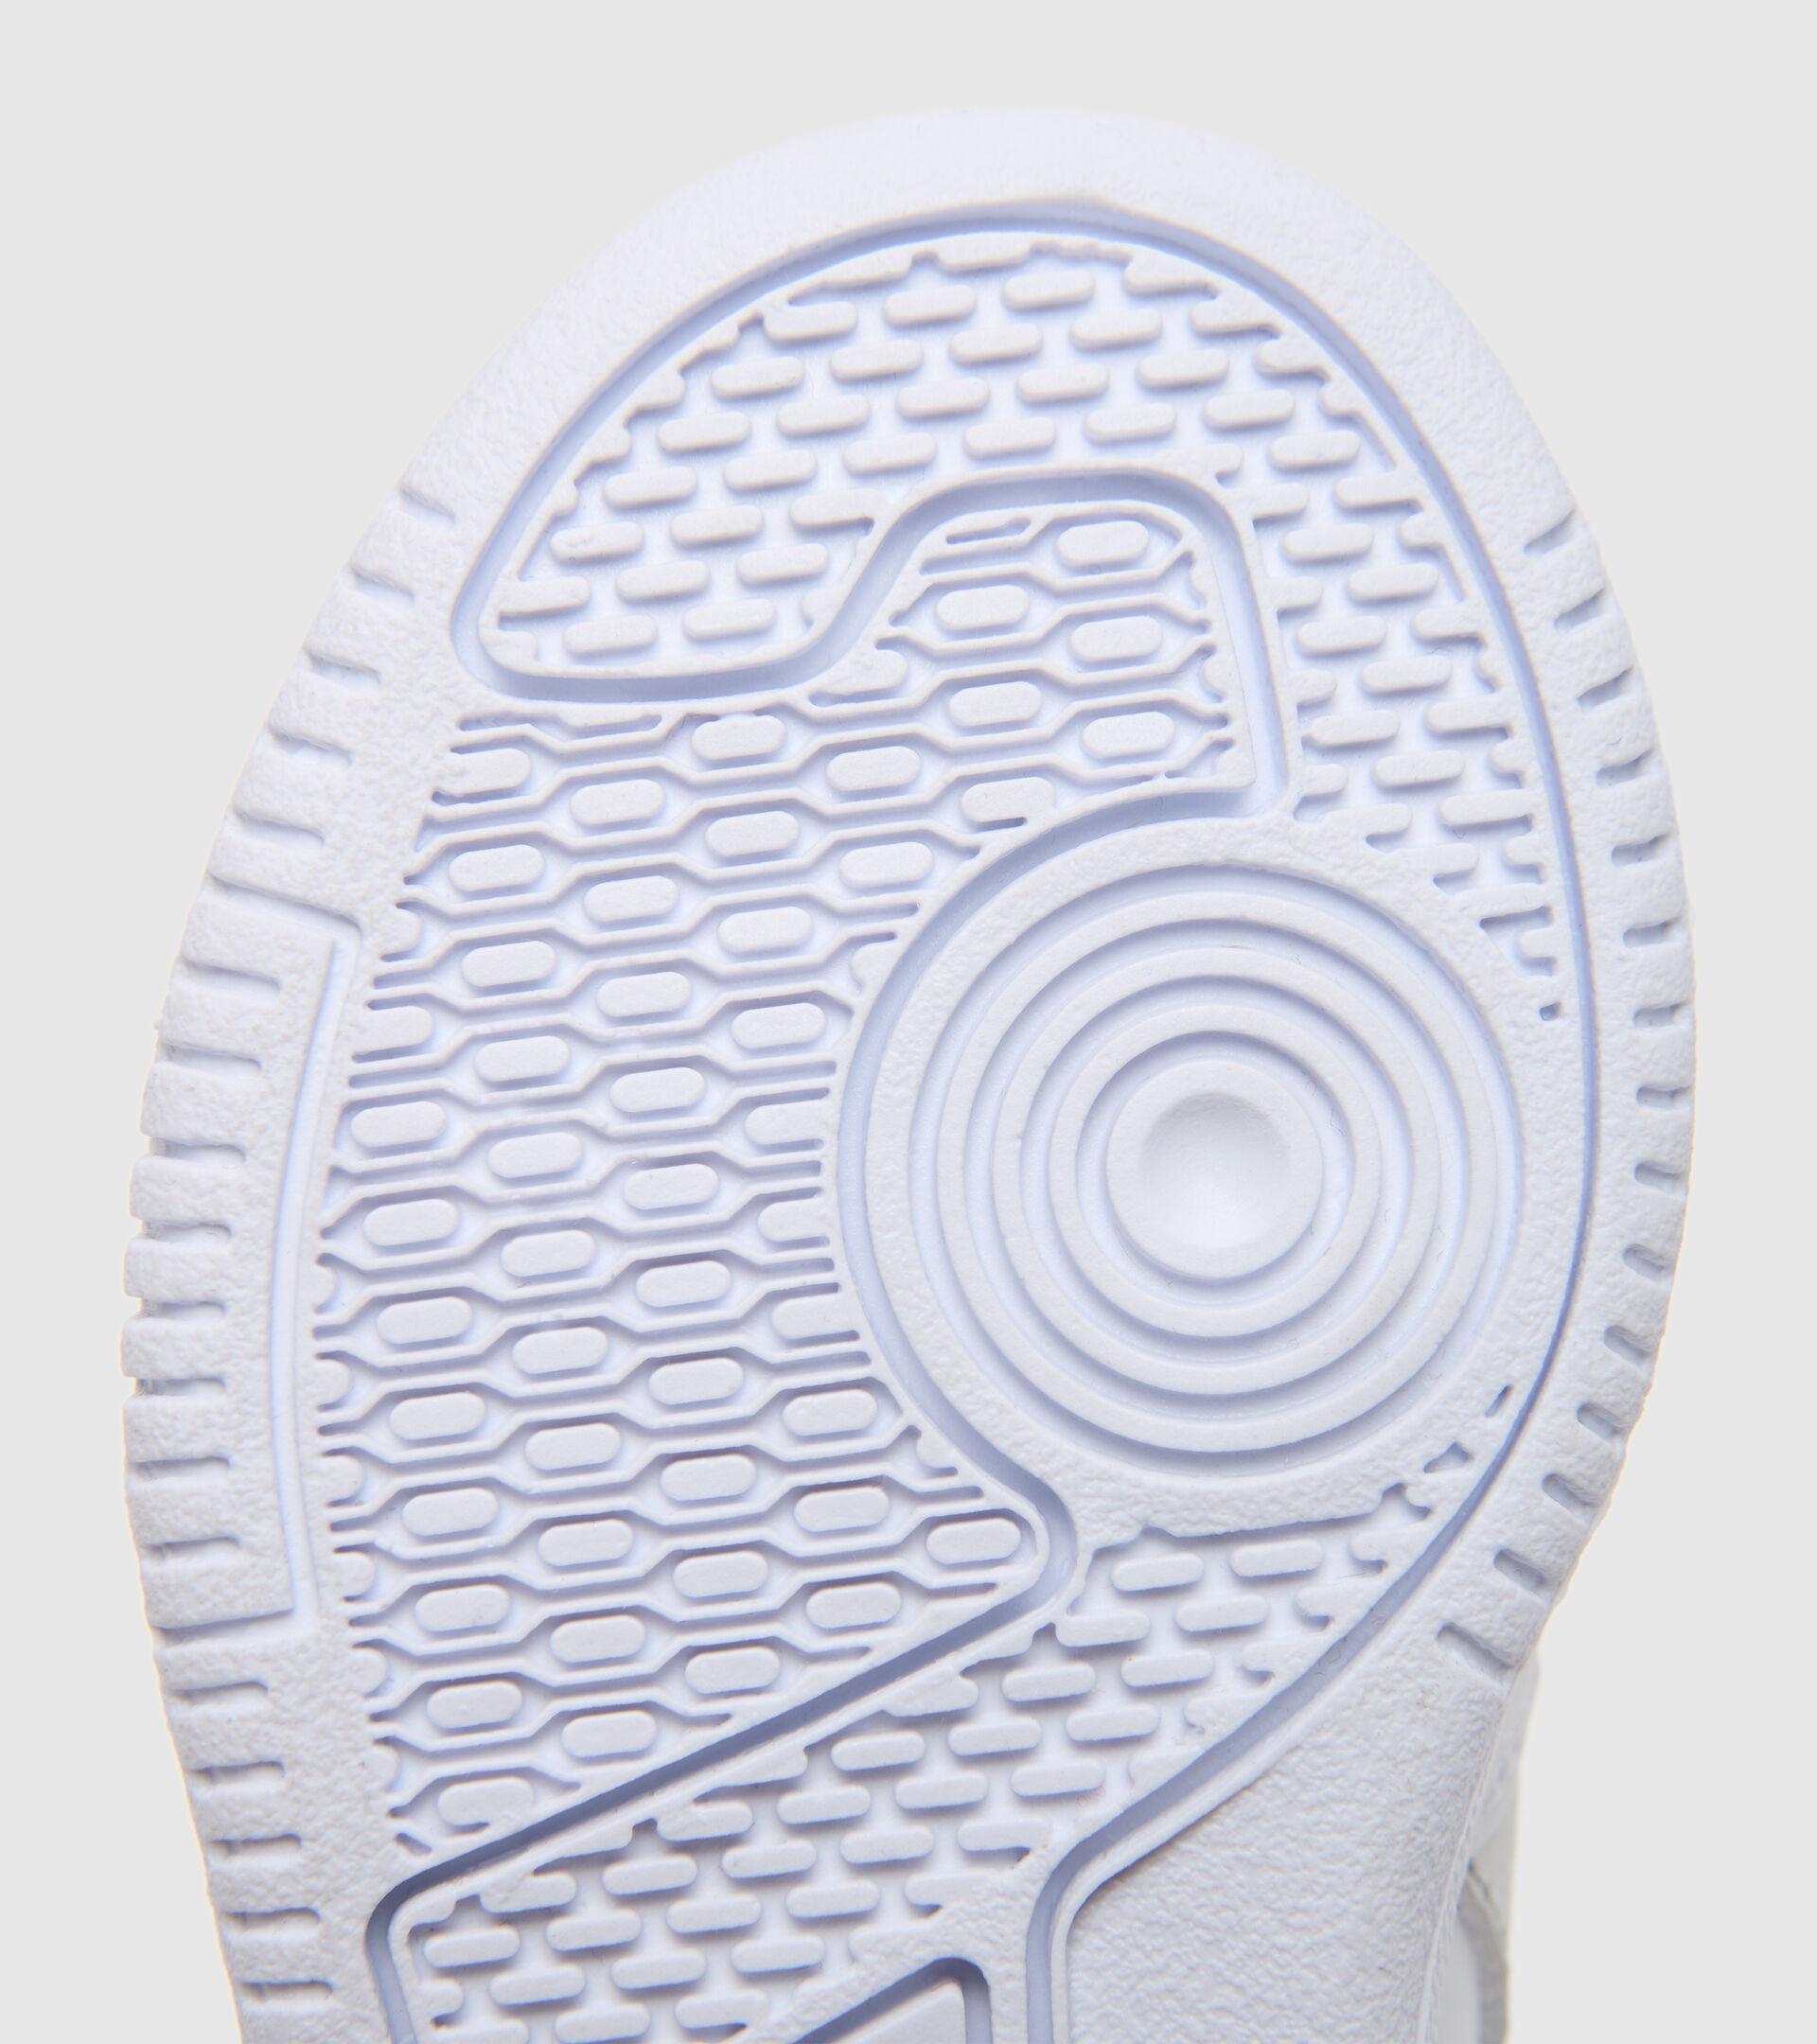 Zapatilla deportiva - Niños pequeños 1-4 años RAPTOR LOW TD BLANCO/PLATA (C6103) - Diadora